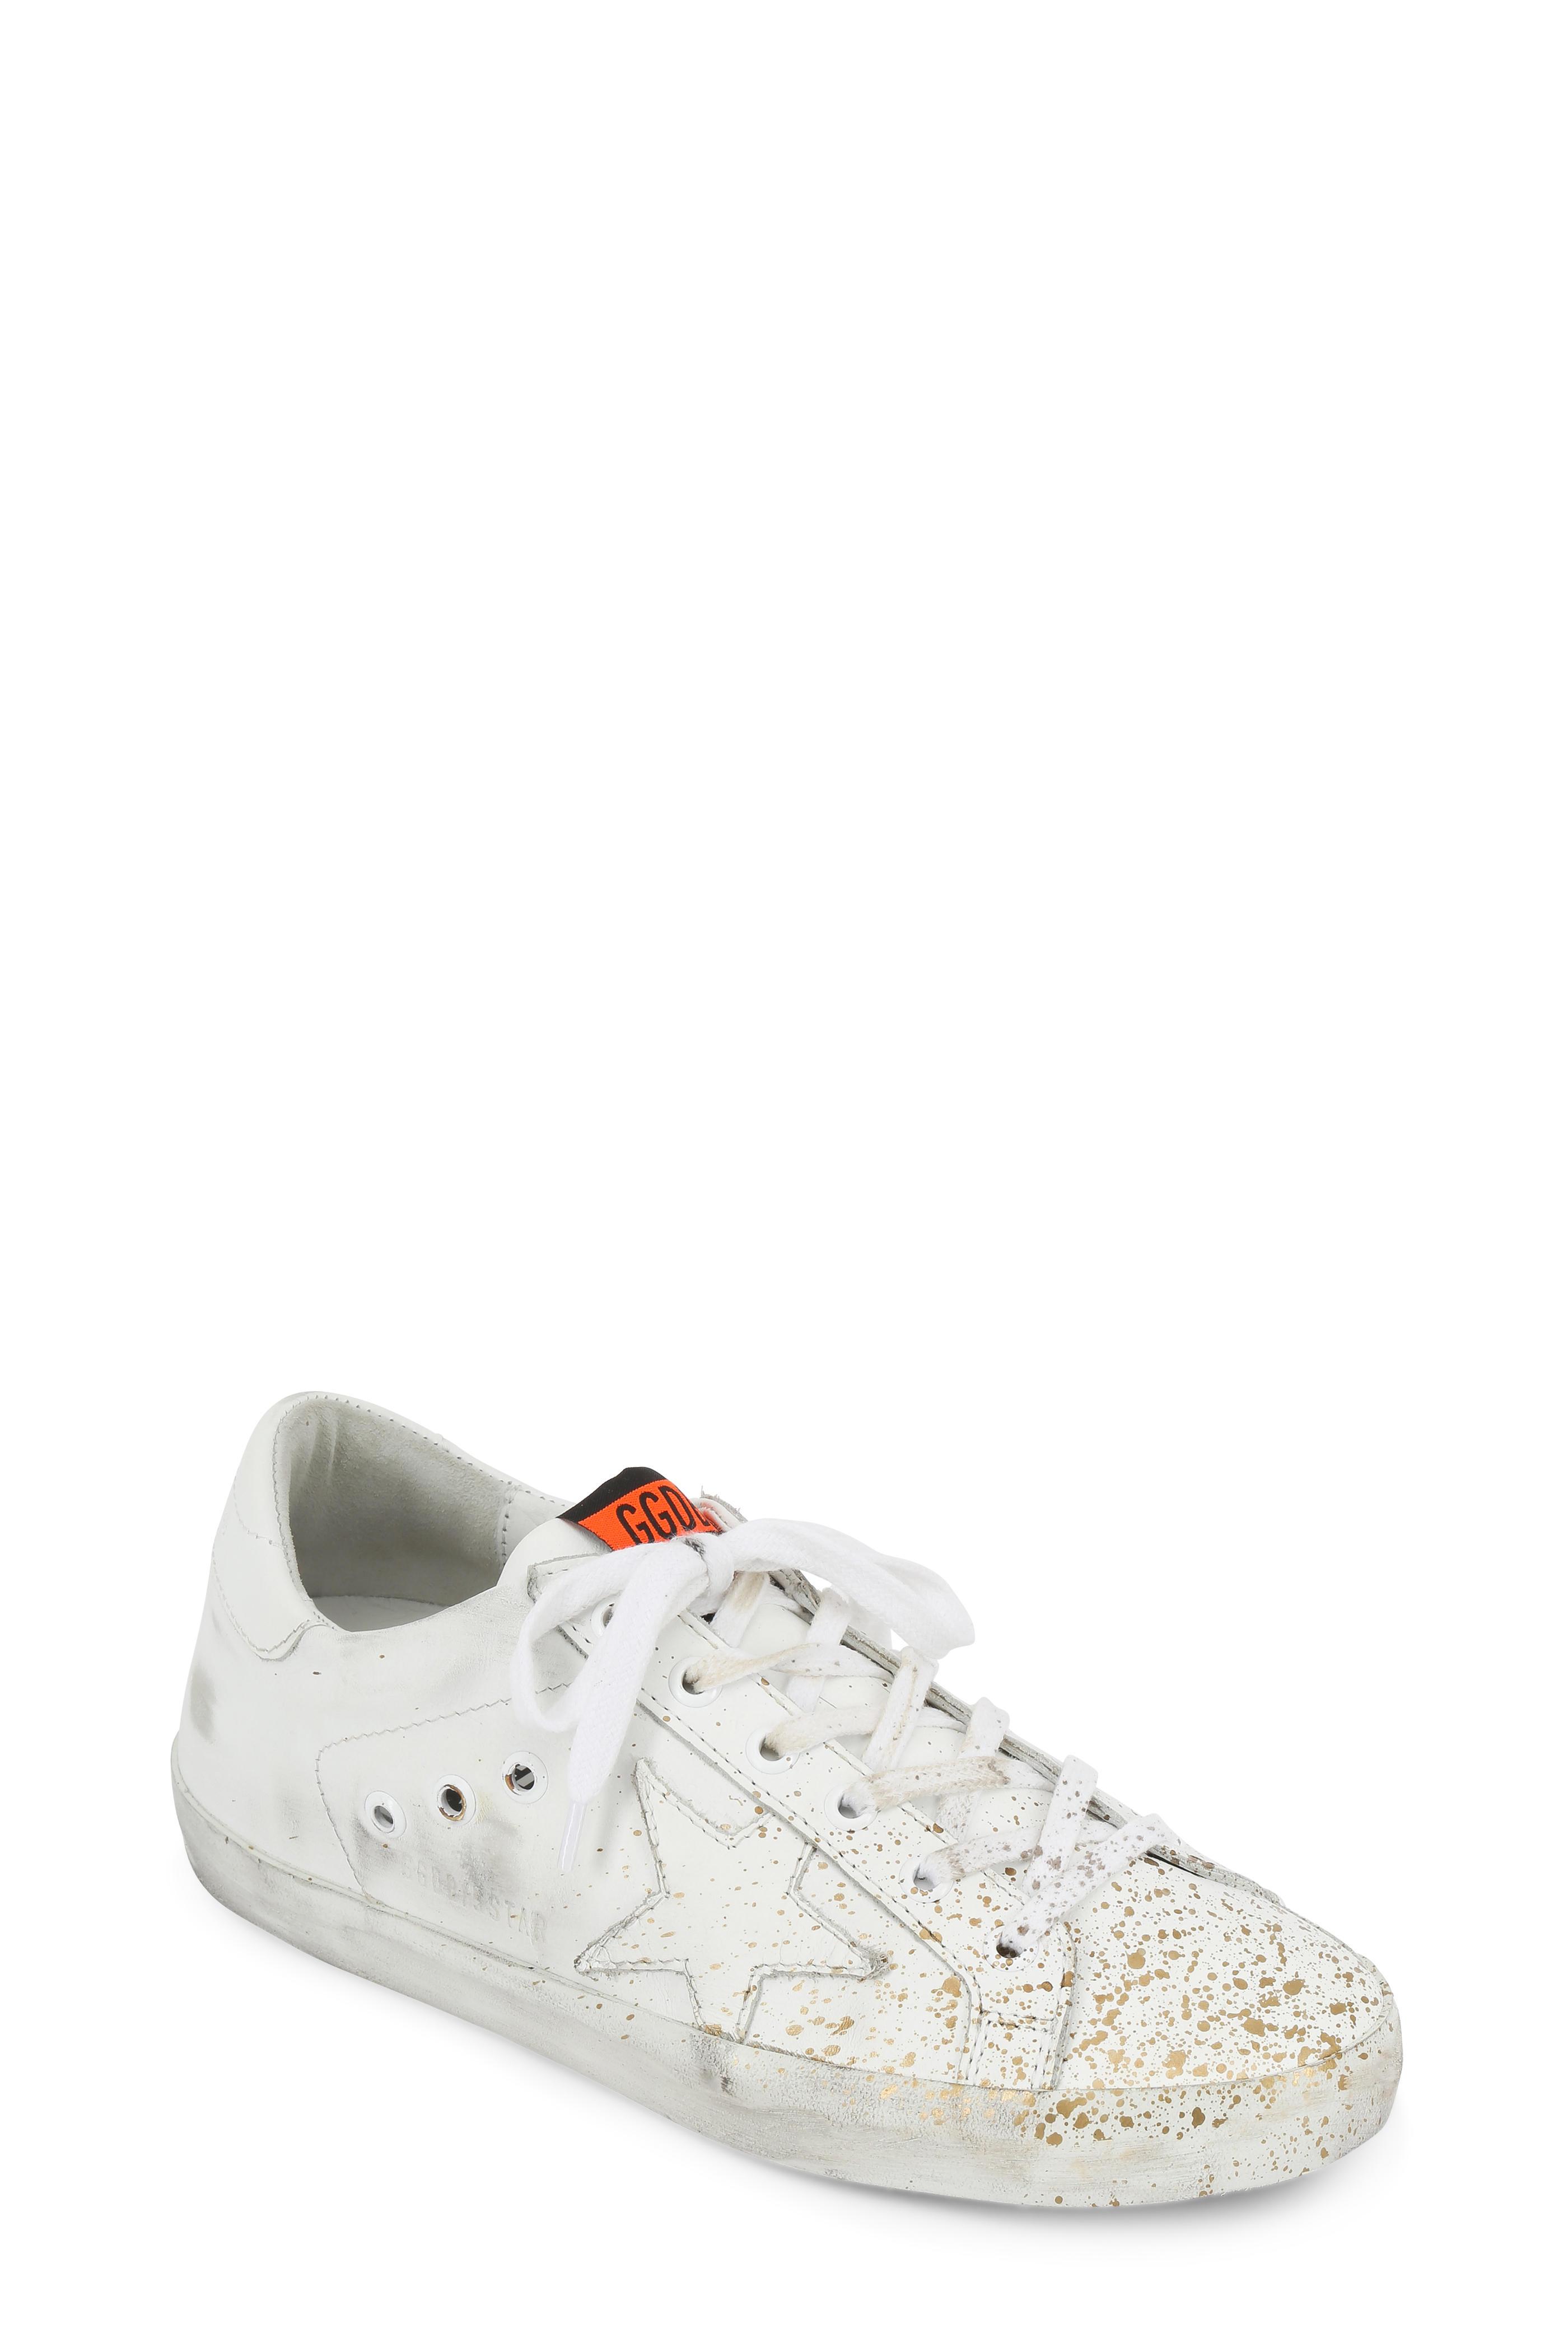 364fa983ef1b9 Golden Goose - Women s Superstar White   Gold Splatter Sneaker ...